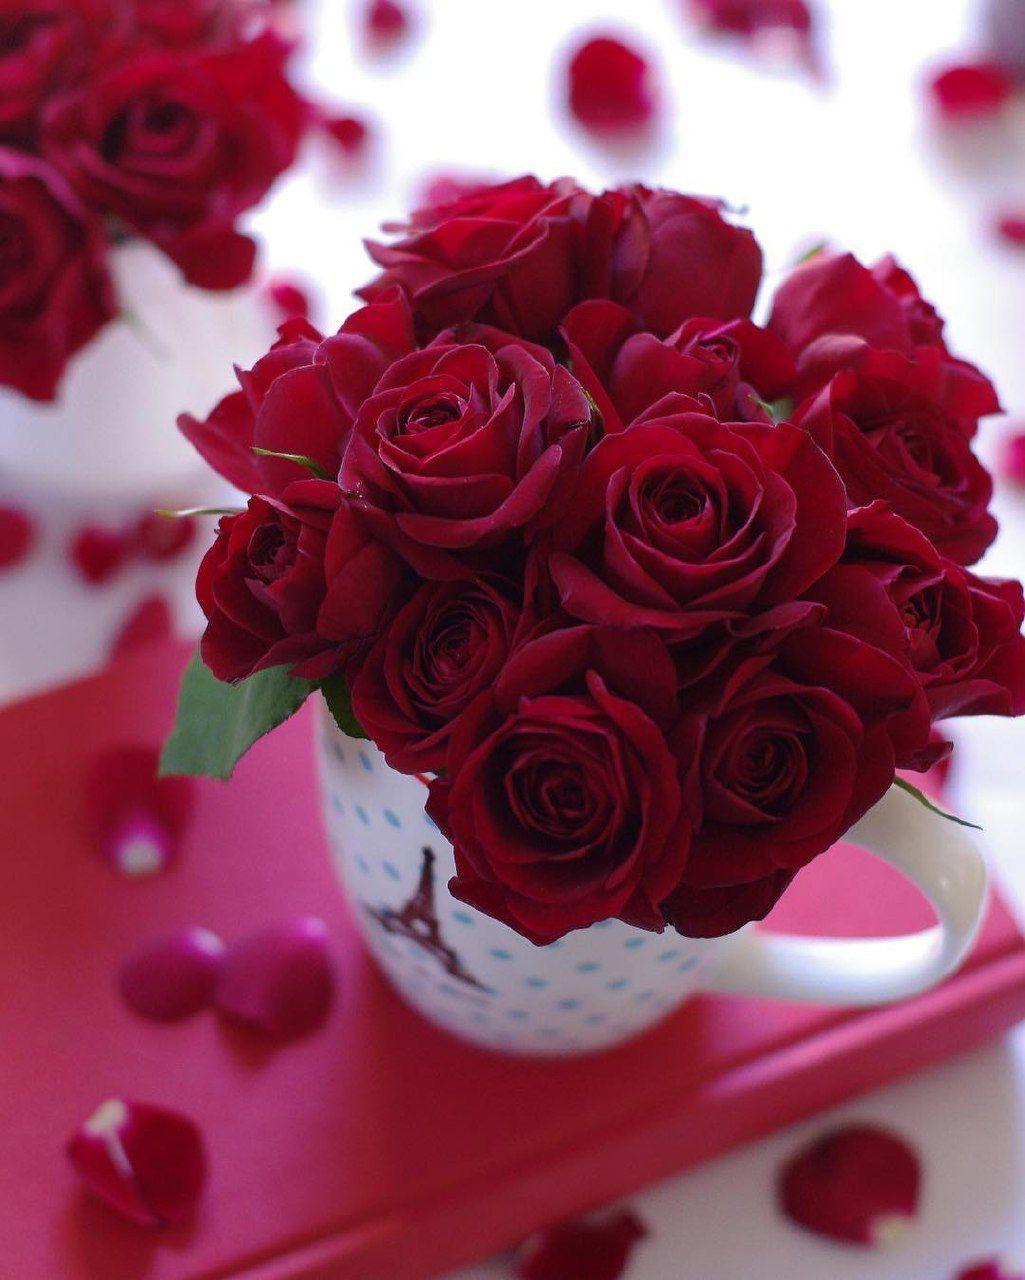 том, картинки с добрым утром с розами картинки этого его никто